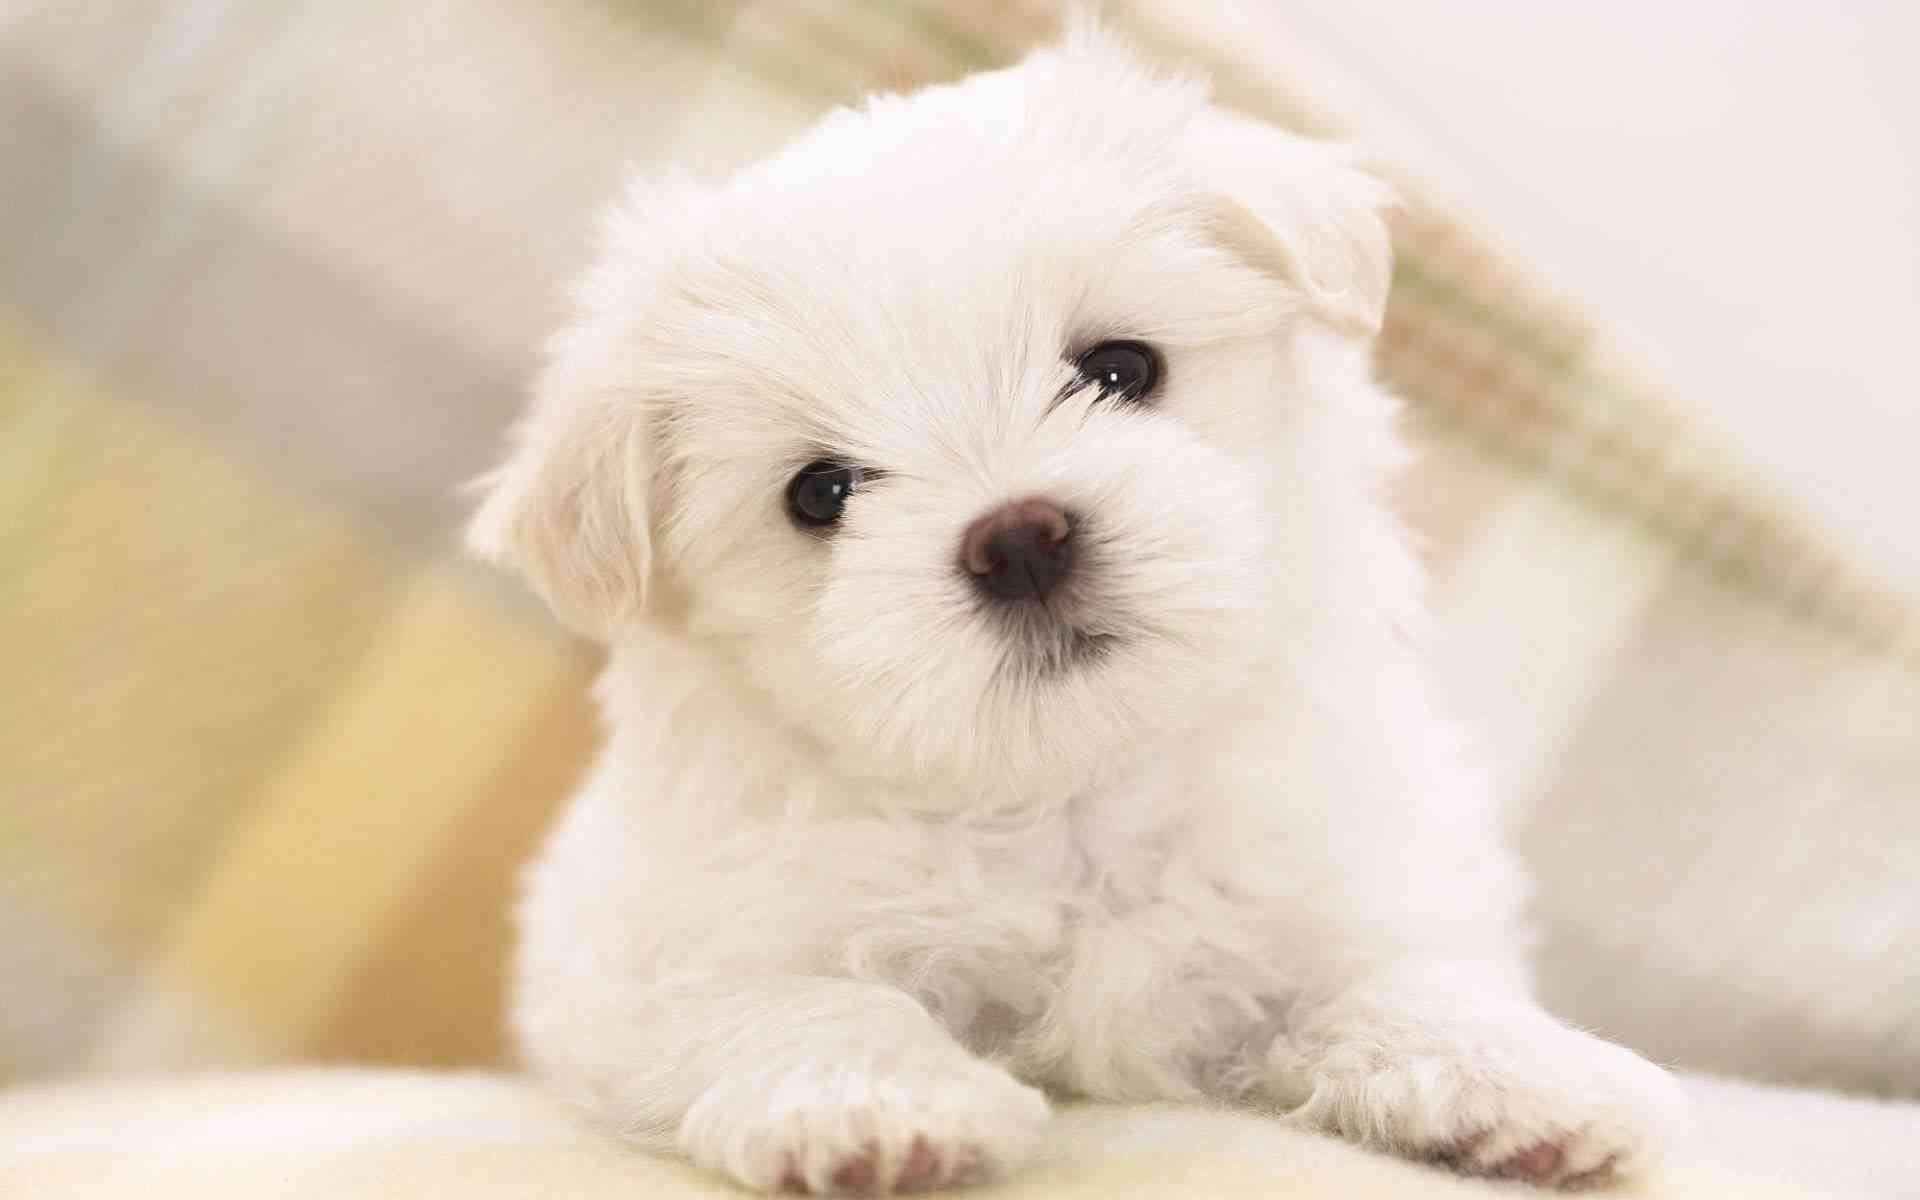 coprofagia canina